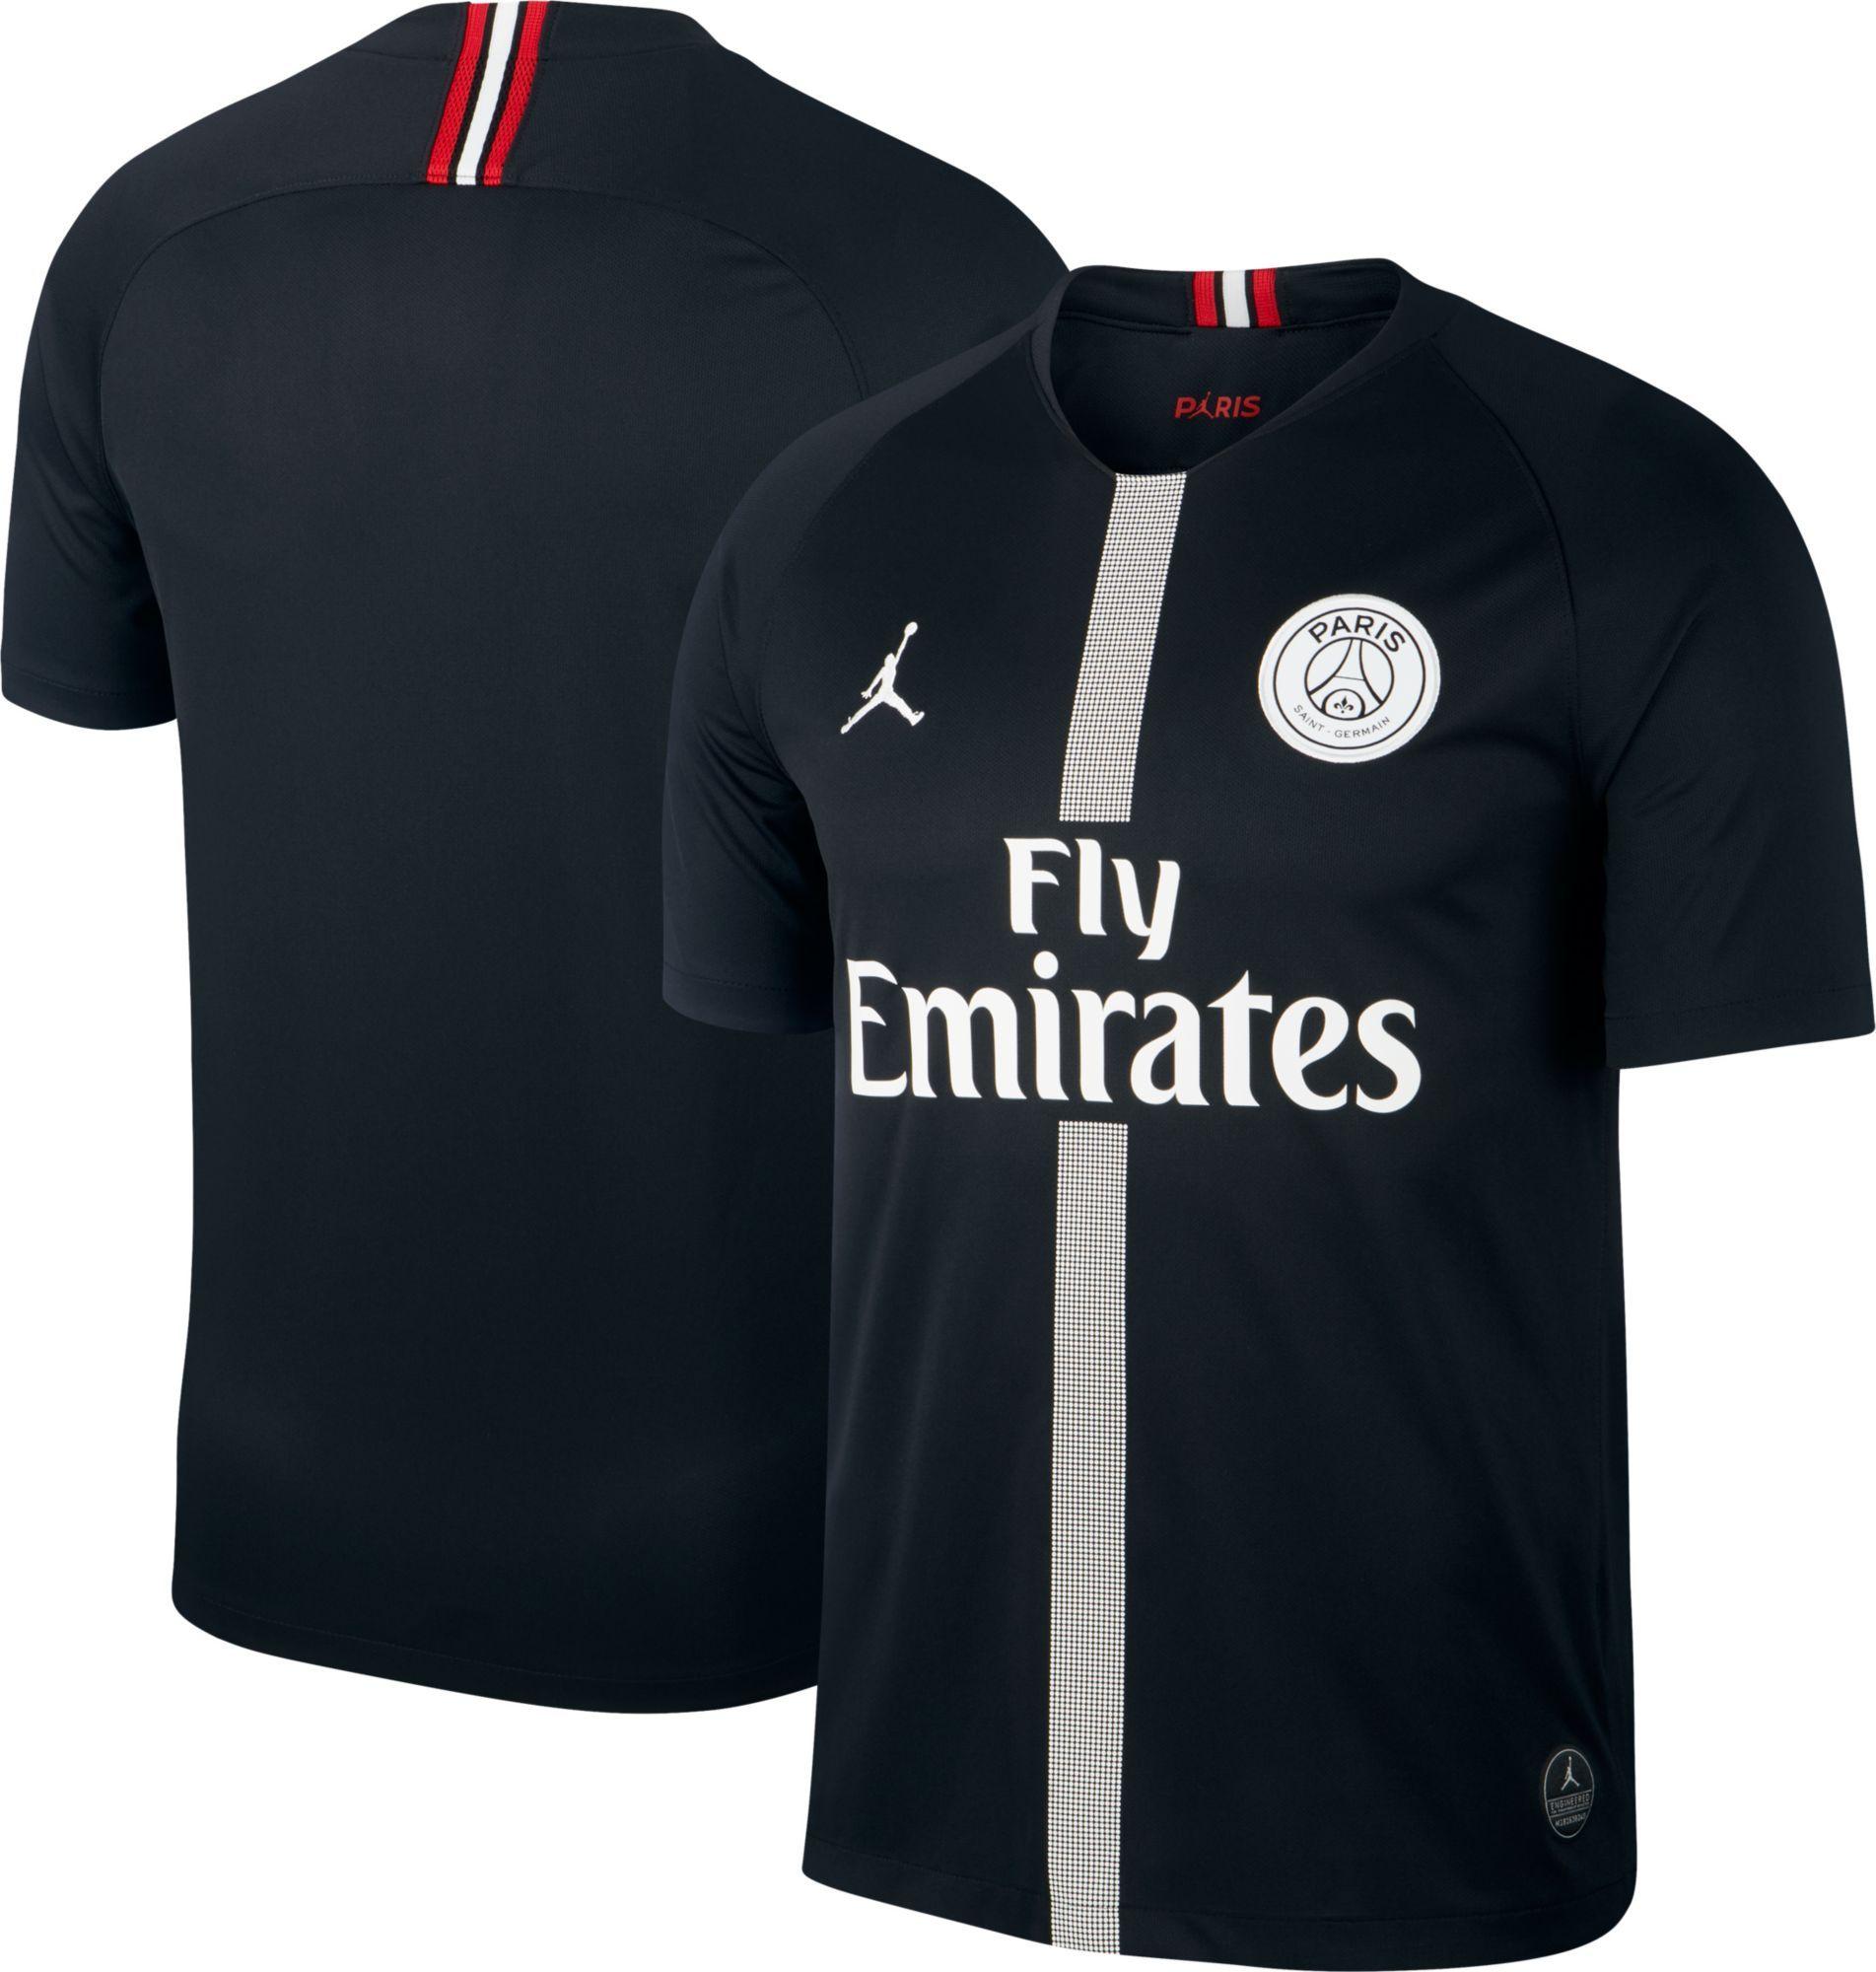 super popular aef5e 55c6f Jordan Men's Paris Saint-Germain 18/19 Breathe Stadium Black ...